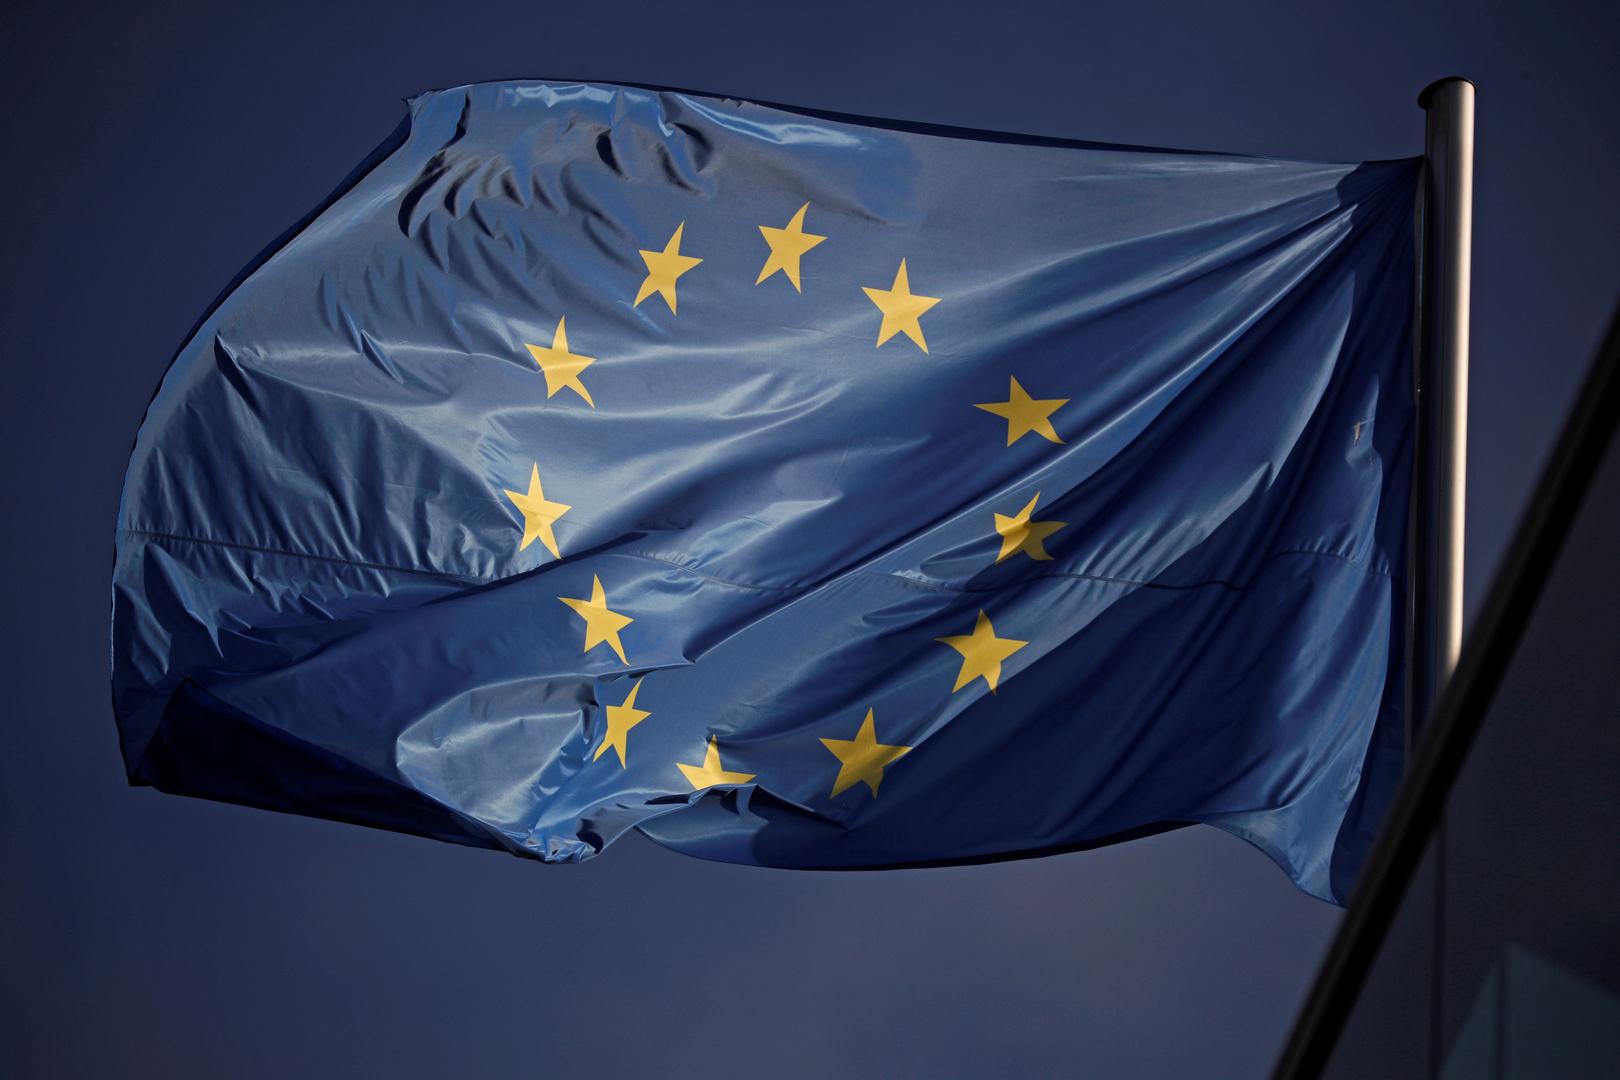 البرلمان الأوروبي يدعو لتجميد